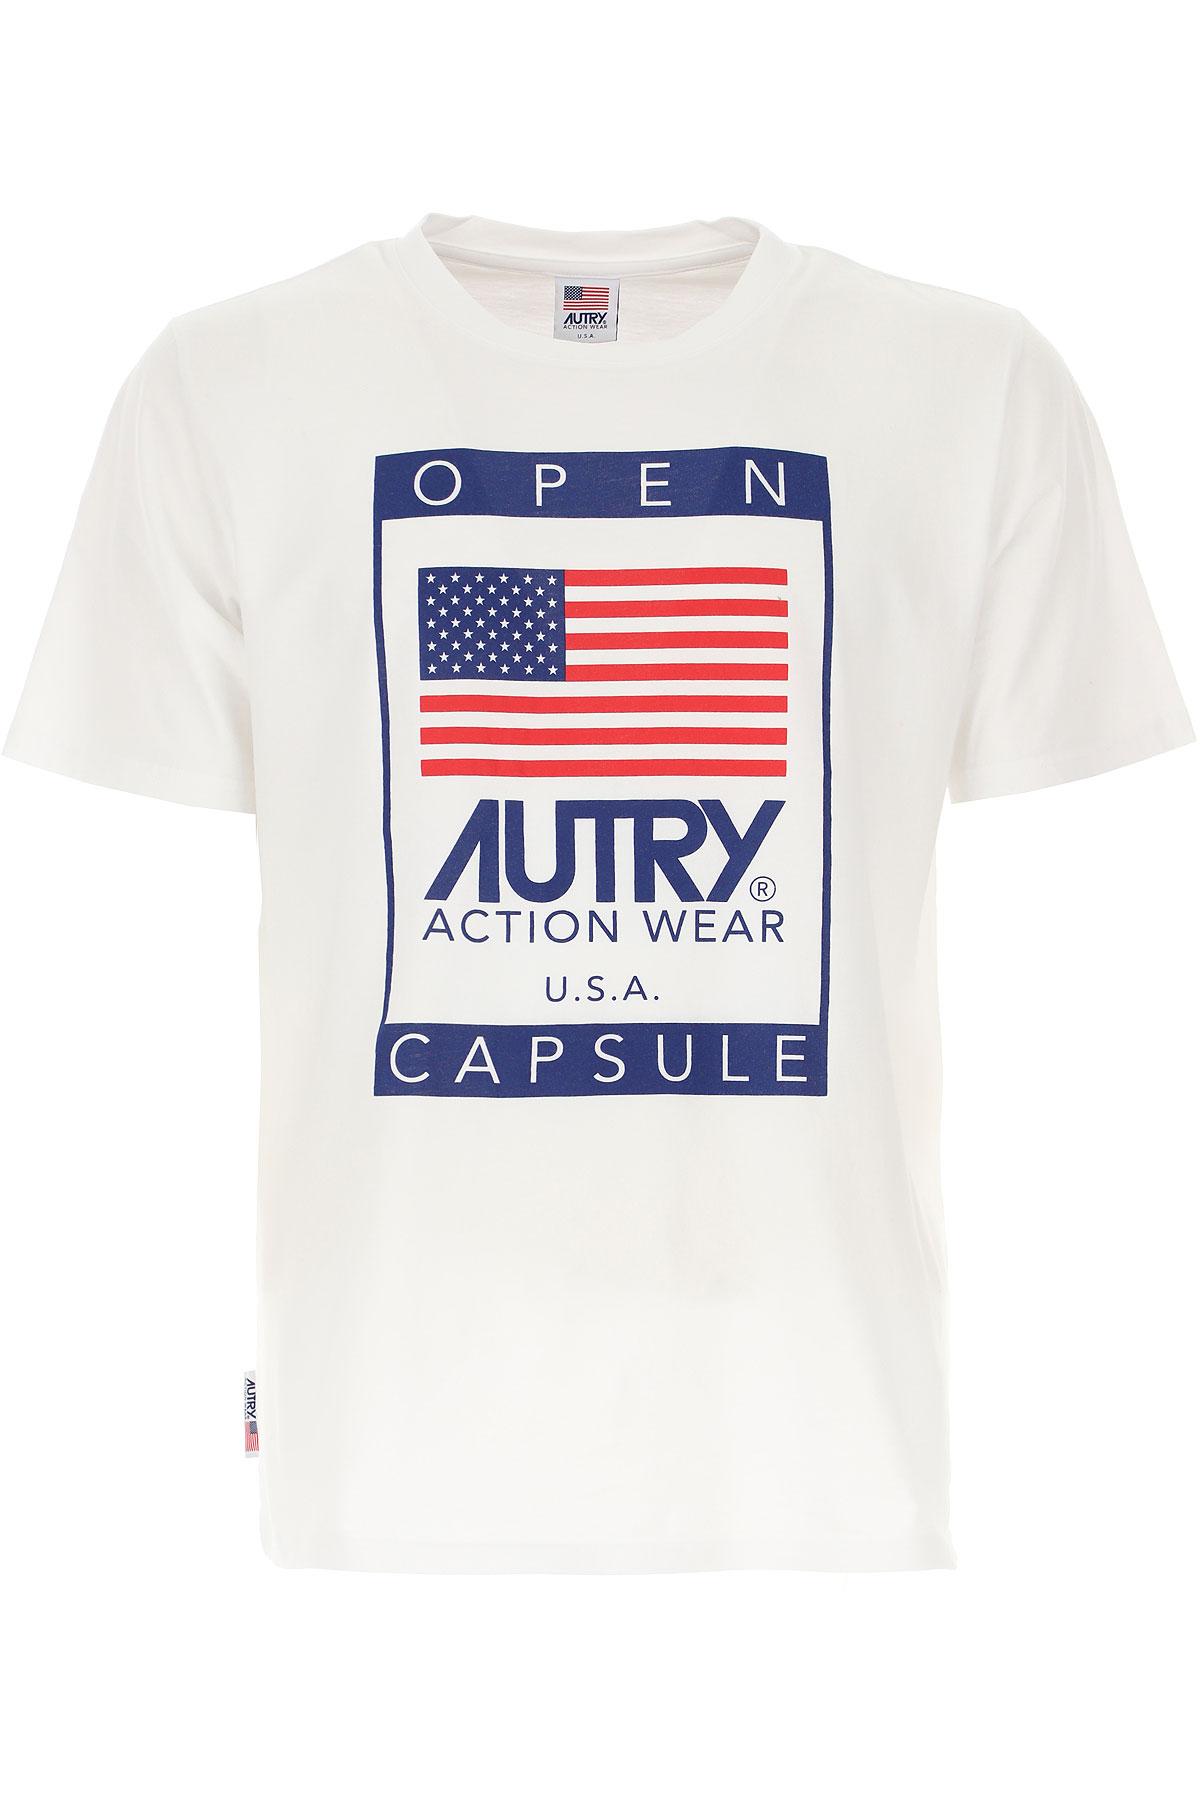 Autry T-Shirt for Men, White, Cotton, 2019, L XL